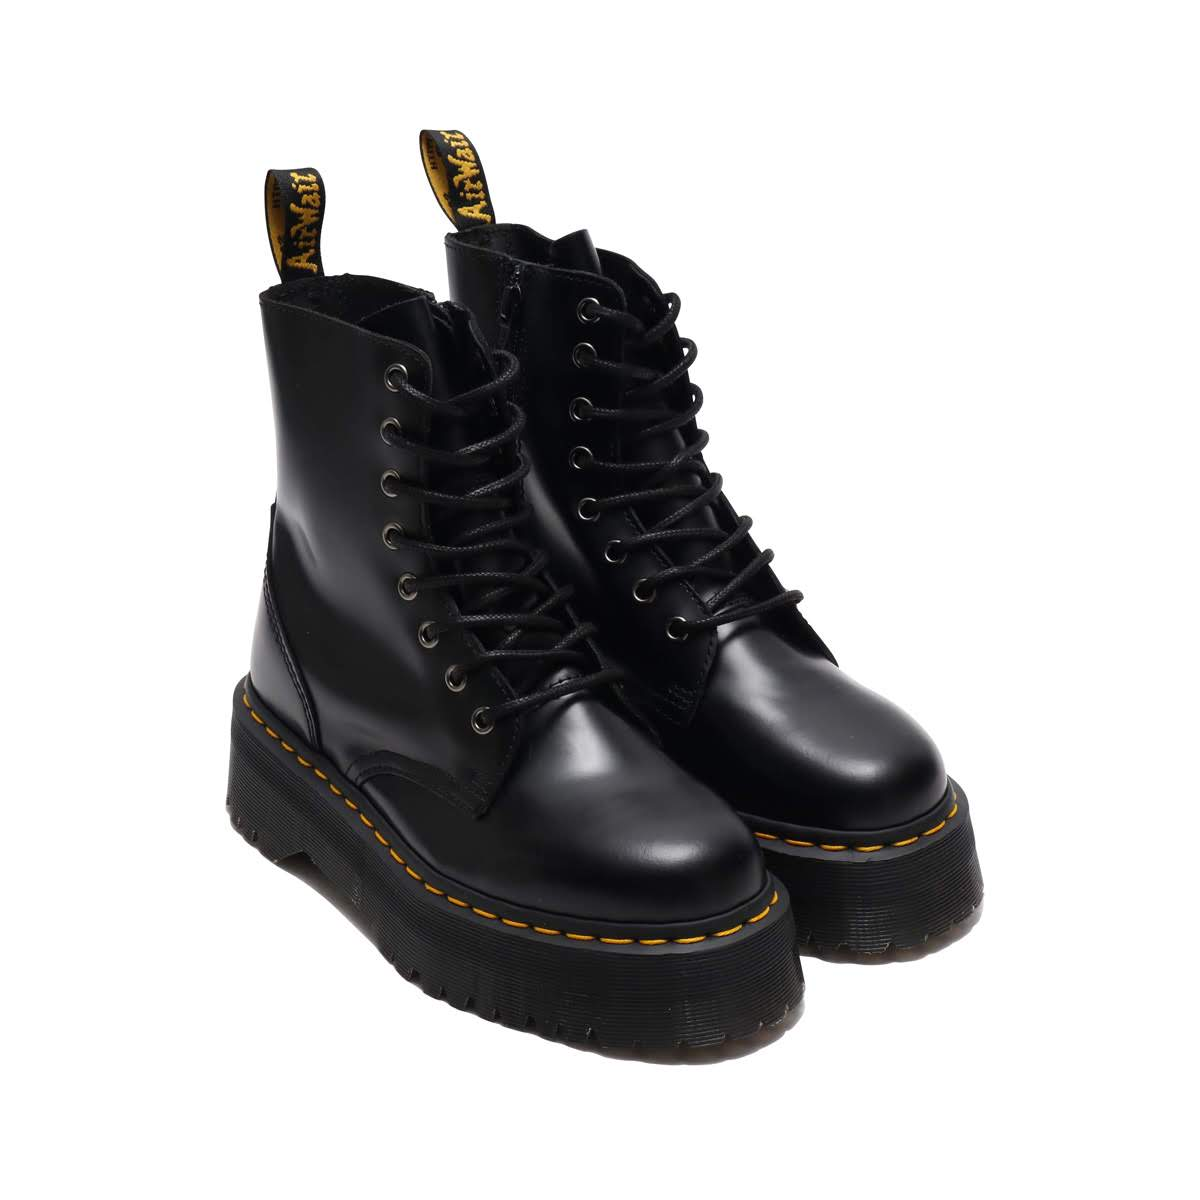 Dr.Martens QUAD RETRO JADON 8 EYE BOOT (ドクターマーチン クアッド レトロ ジェードン 8アイ ブーツ)BLACK【メンズ レディース ブーツ】19SS-I